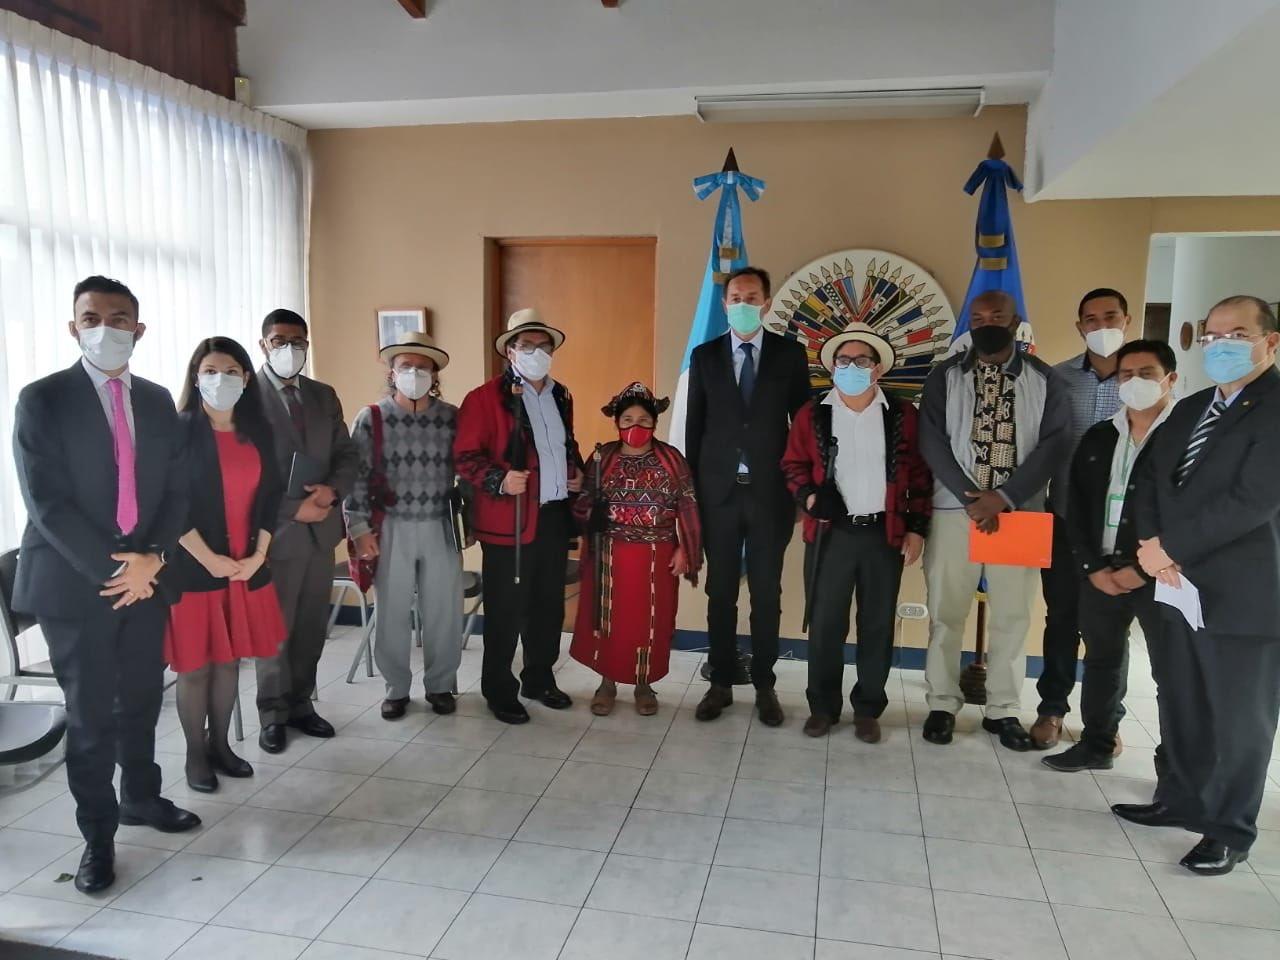 Autoridades indígenas piden a OEA recomendar la renuncia de Giammattei y Junta Directiva del Congreso